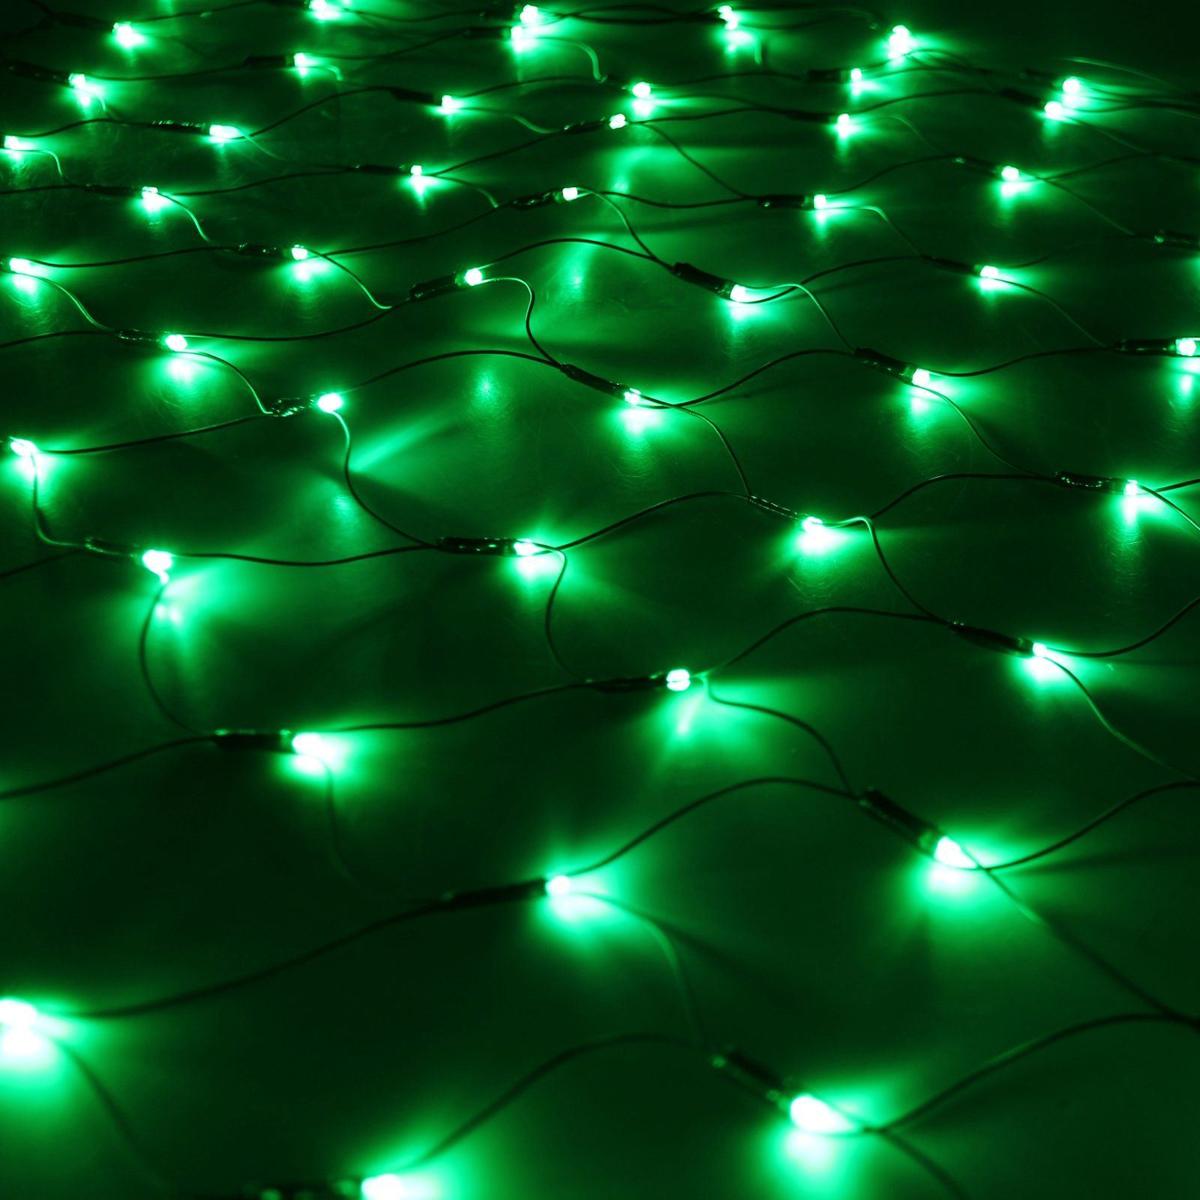 Гирлянда Luazon Сетка, длина 0,9 м, LED 120 ламп, 220V, цвет: зеленый. 187212187212Светодиодные гирлянды, ленты и т.д — это отличный вариант для новогоднего оформления интерьера или фасада. С их помощью помещение любого размера можно превратить в праздничный зал, а внешние элементы зданий, украшенные ими, мгновенно станут напоминать очертания сказочного дворца. Такие украшения создают ауру предвкушения чуда. Деревья, фасады, витрины, окна и арки будто специально созданы, чтобы вы украсили их светящимися нитями.